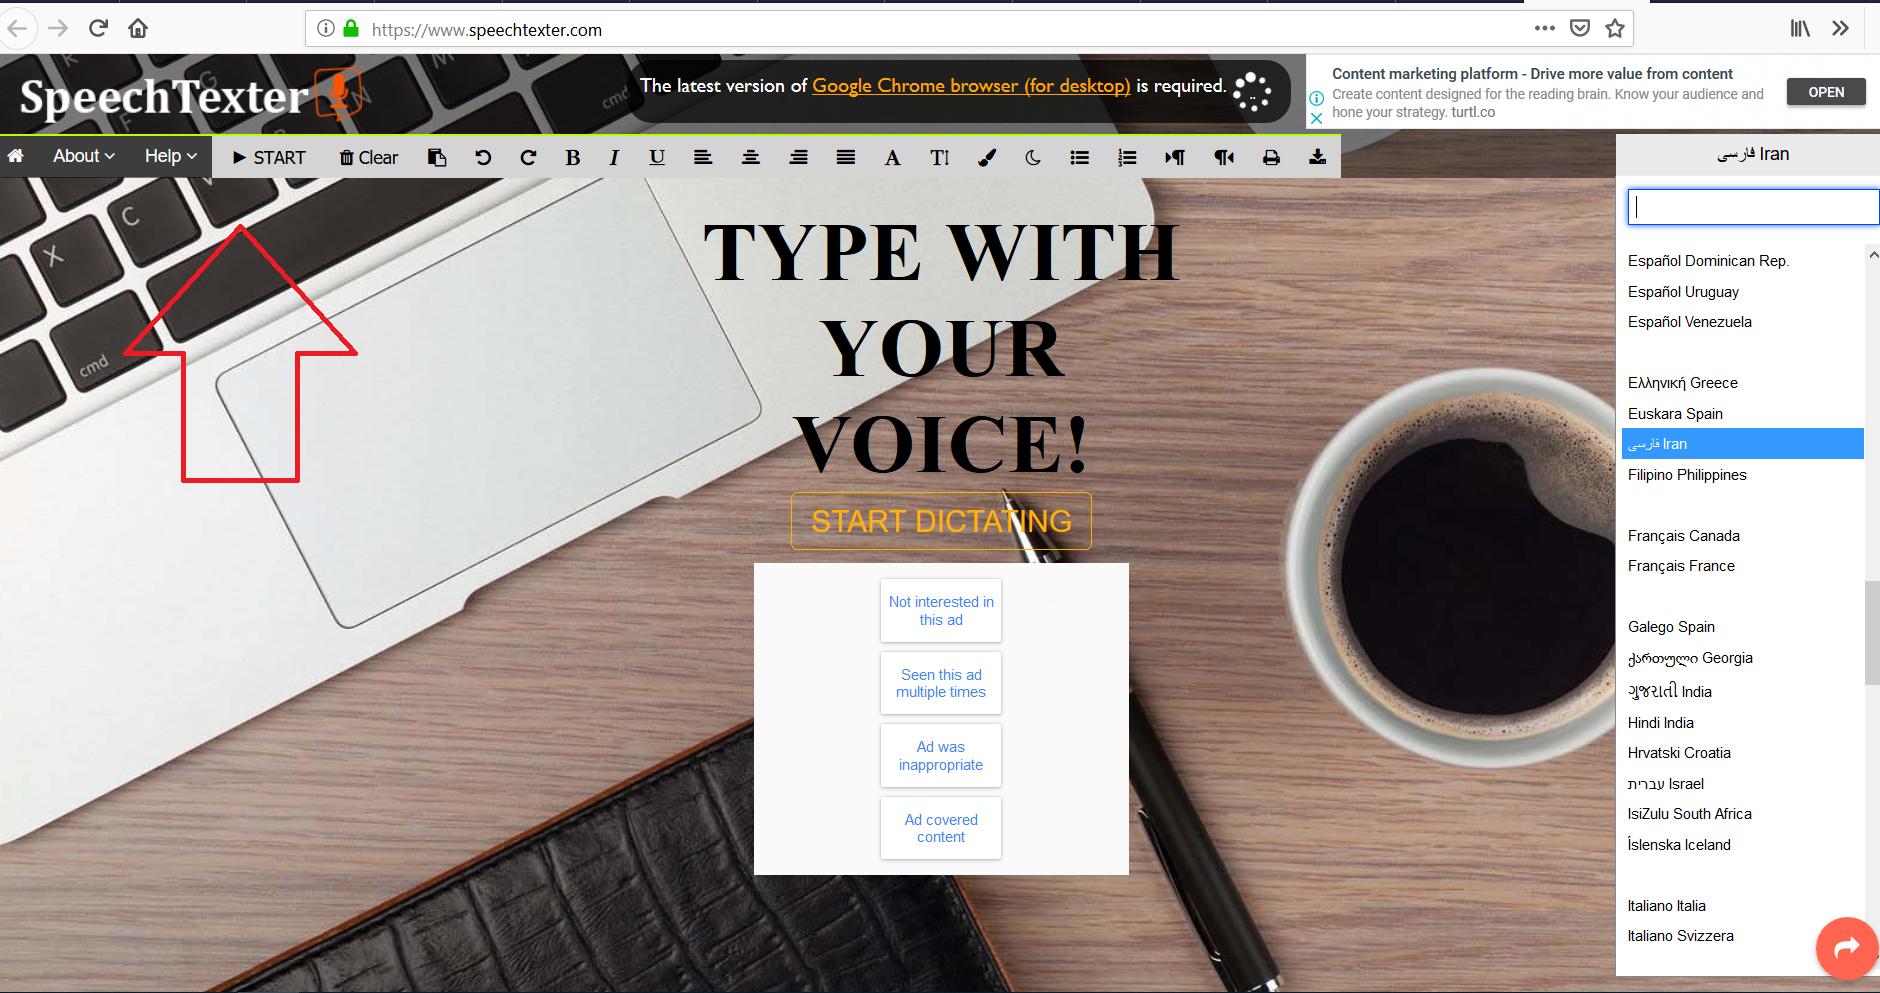 تولید محتوا و تبدیل متن به صوت